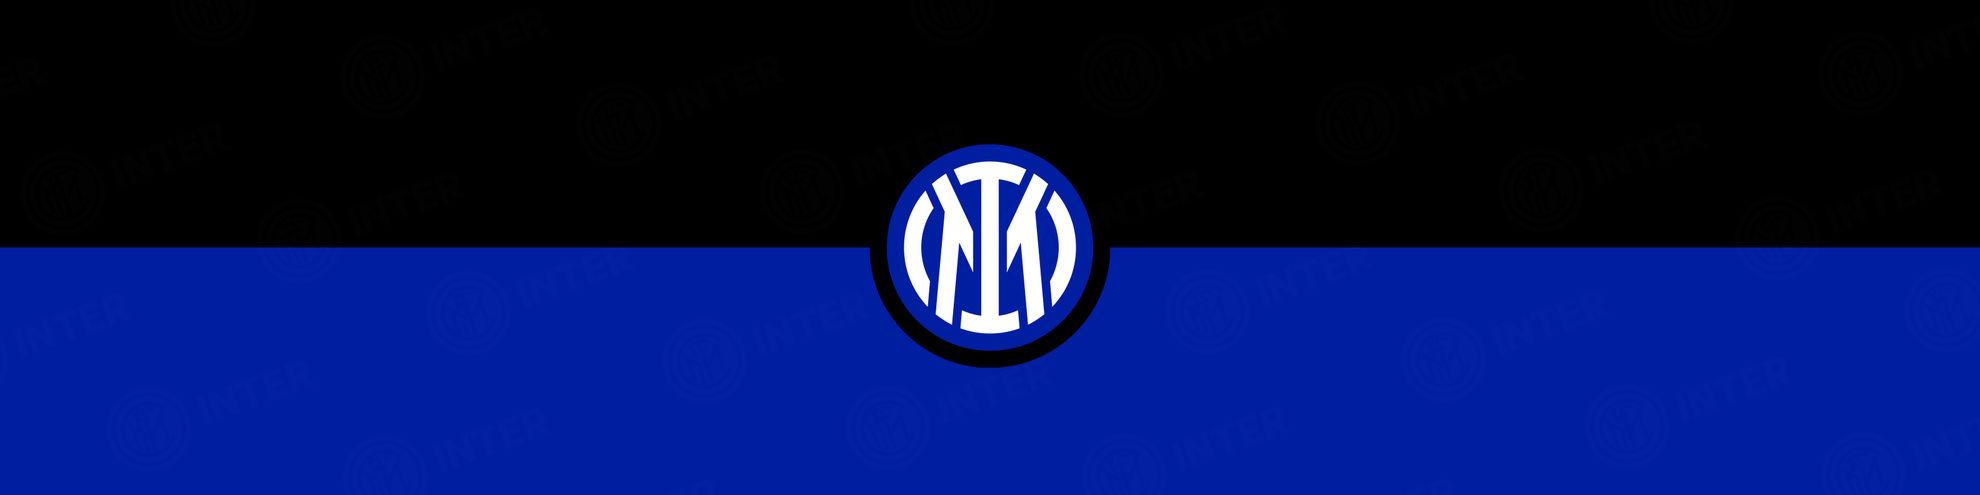 Equipe Inter Milan